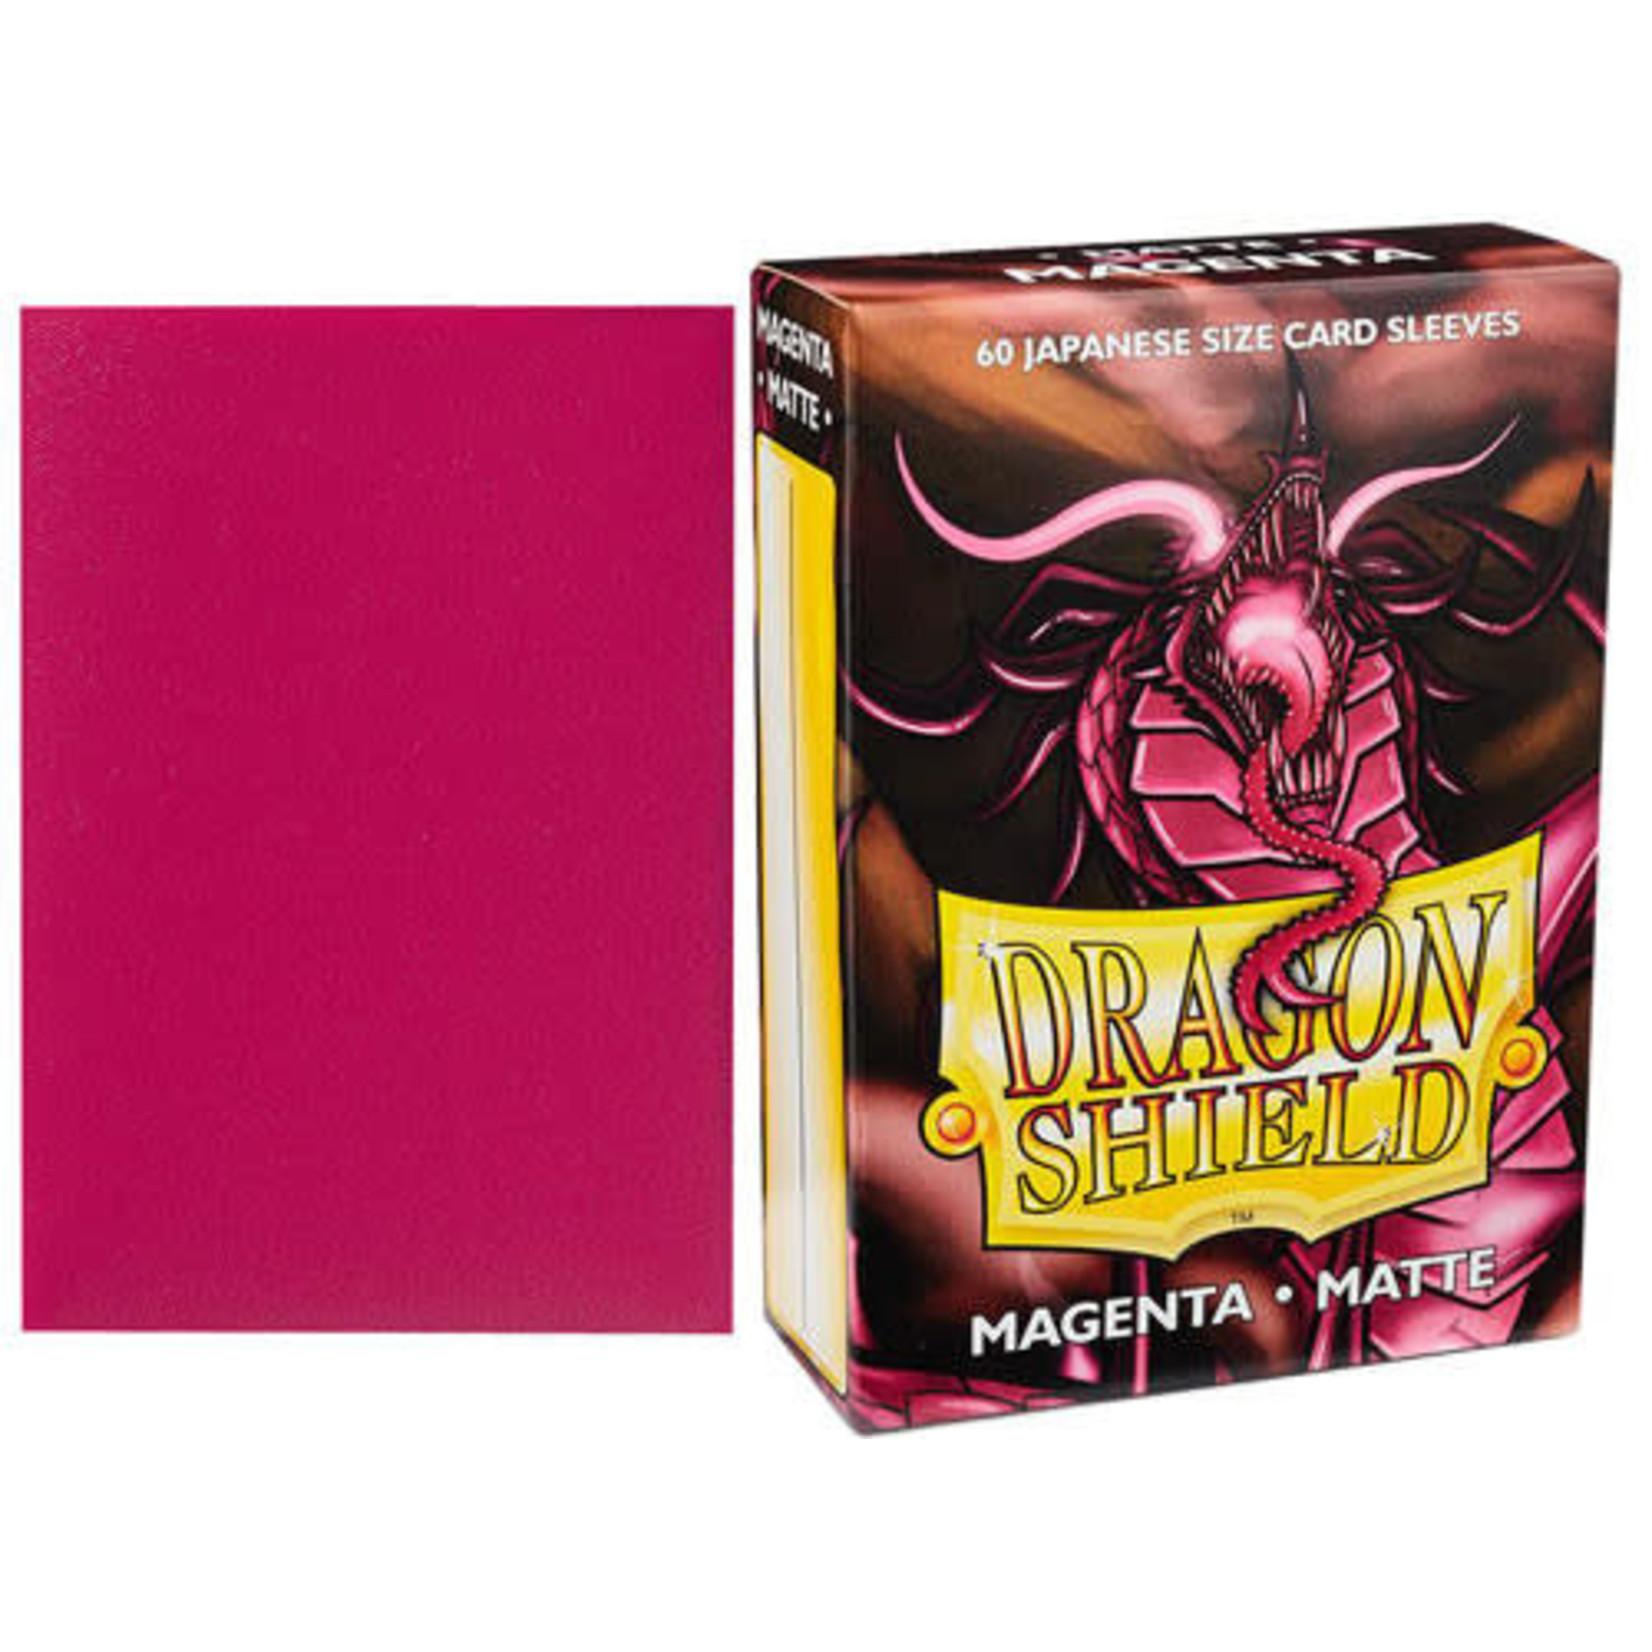 Dragon Shield Matte Magenta (60 count) Small